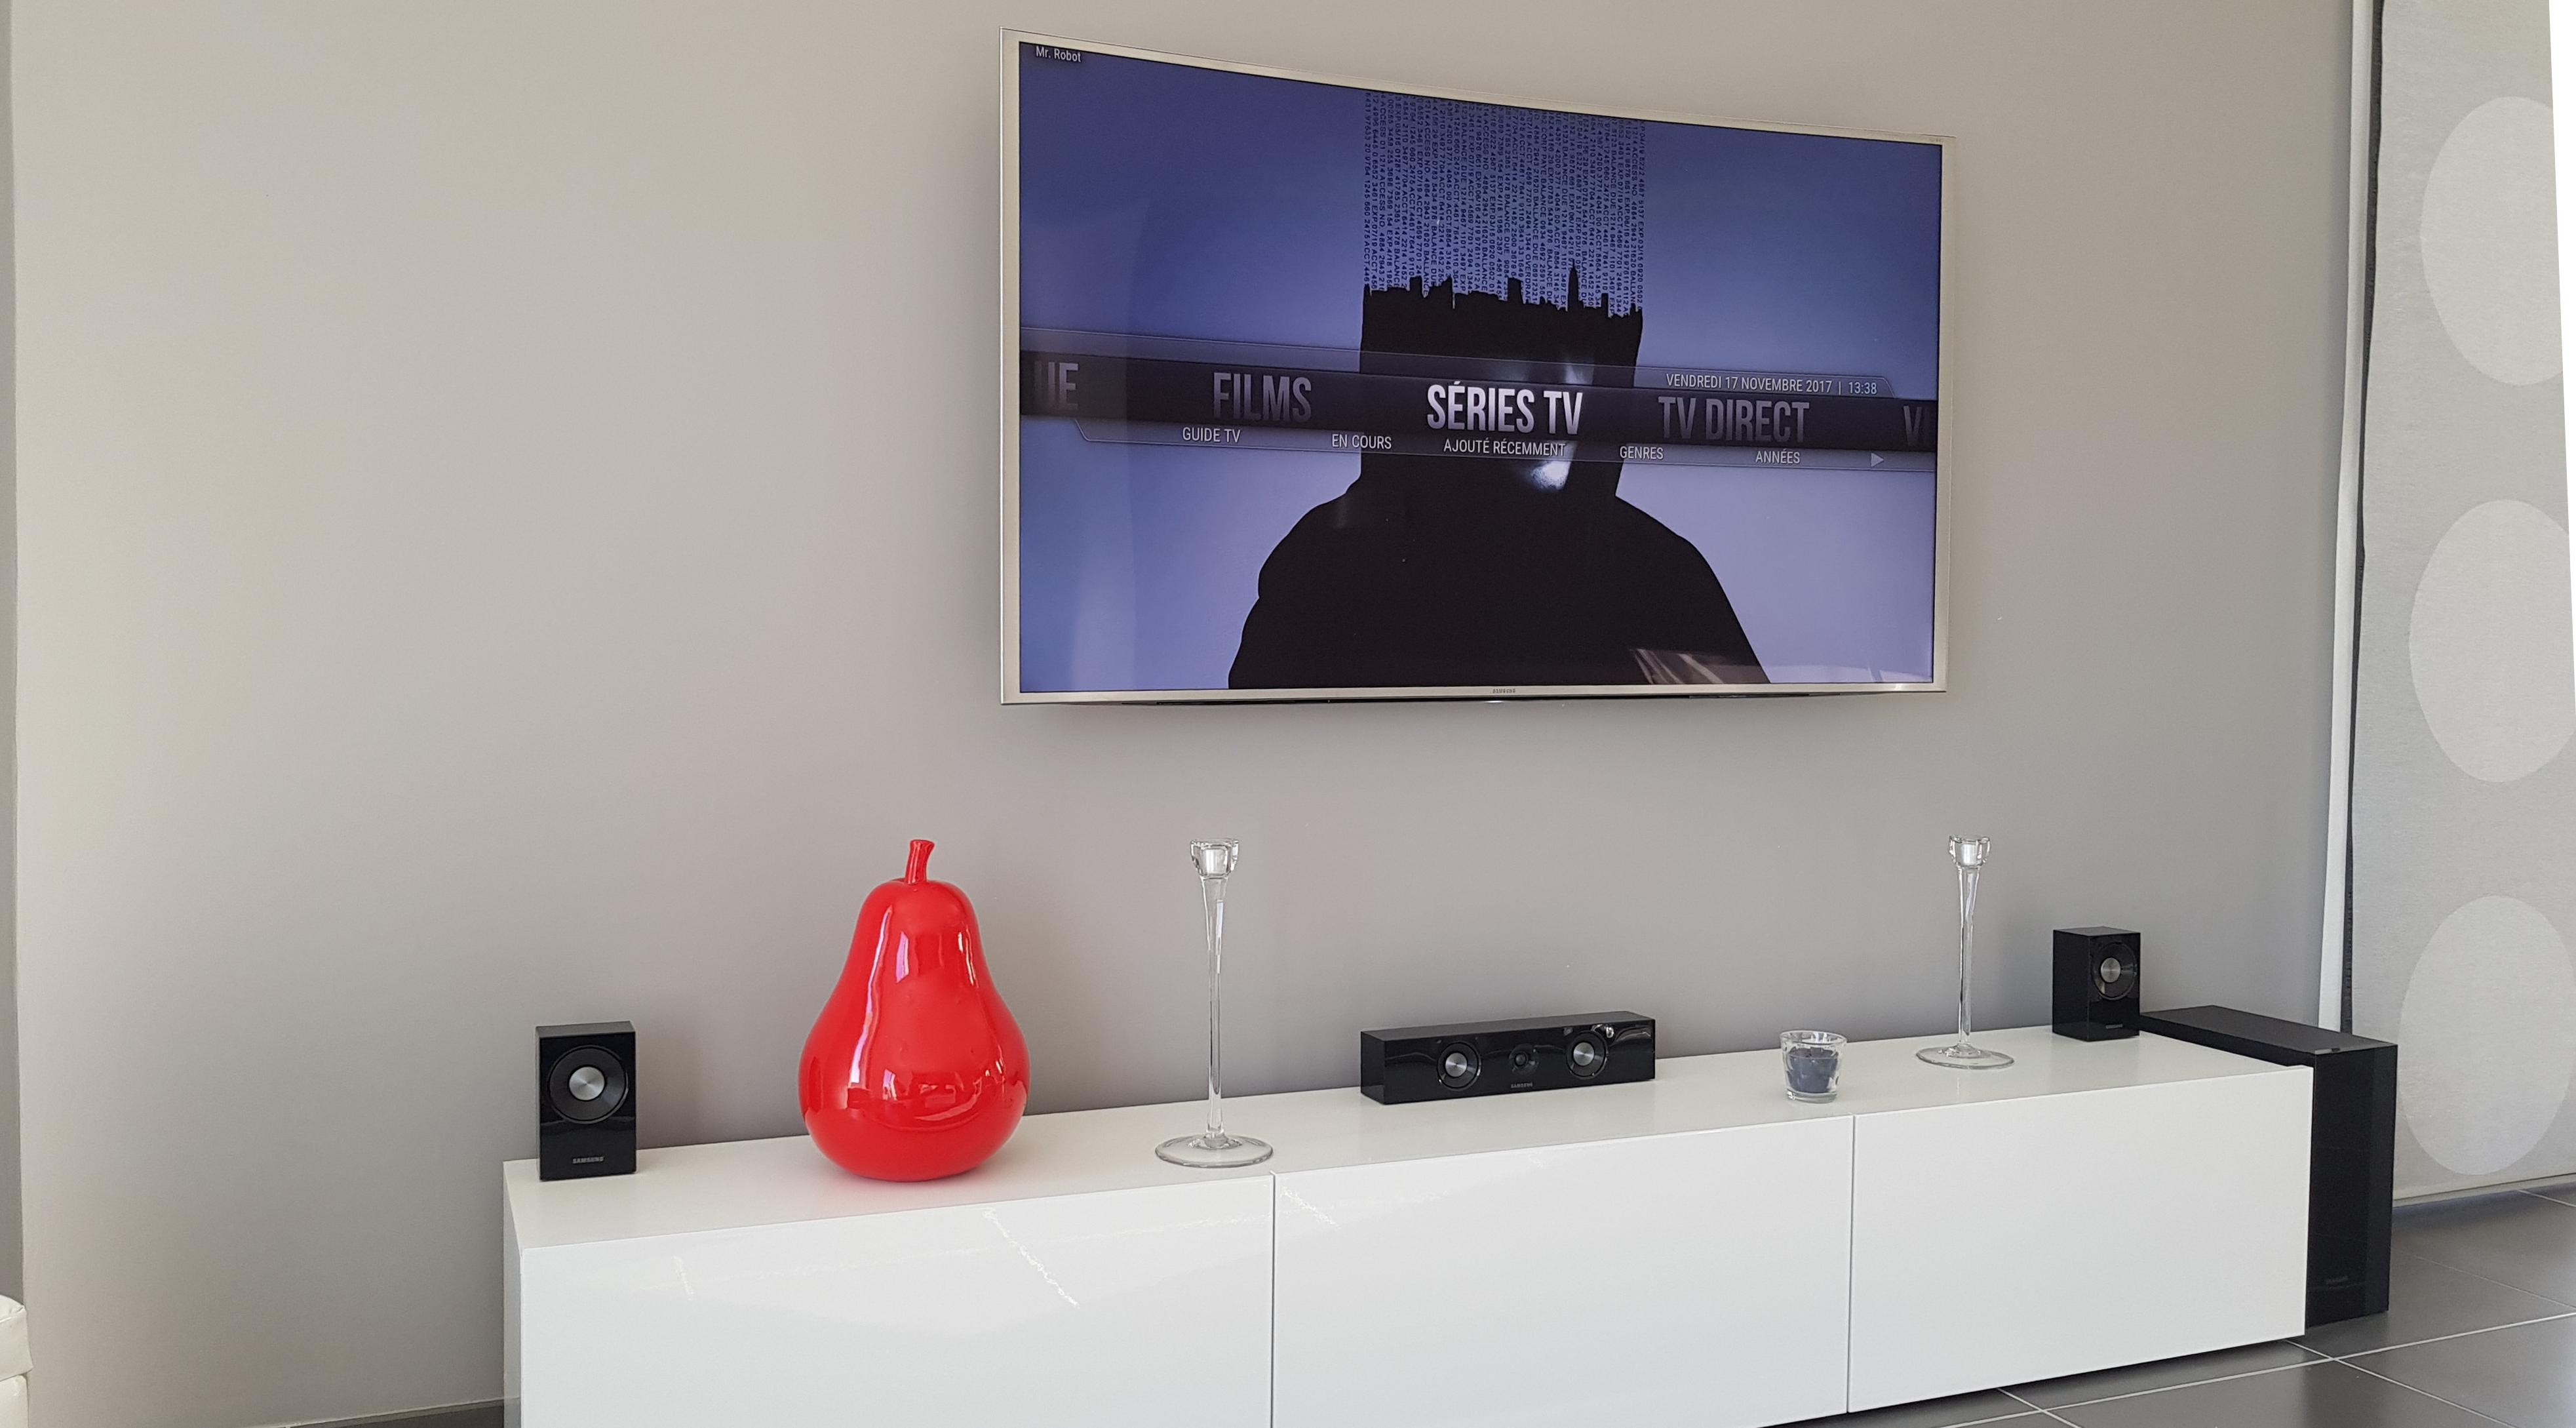 La TV dans mon salon : sans câble apparent, les éléments sont déportés dans le meuble TV